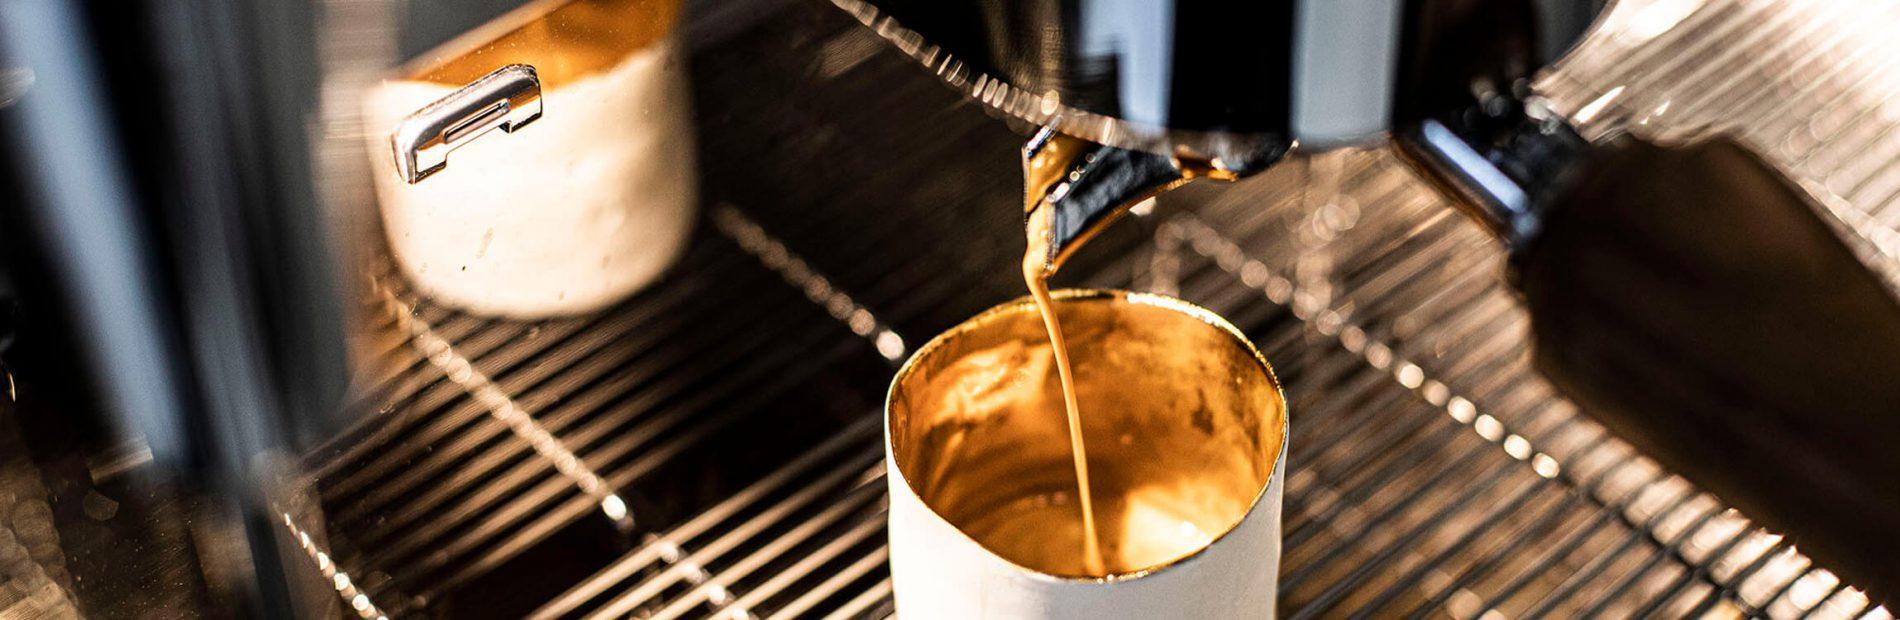 Kaffeegenuss aus der Bronze-Tasse